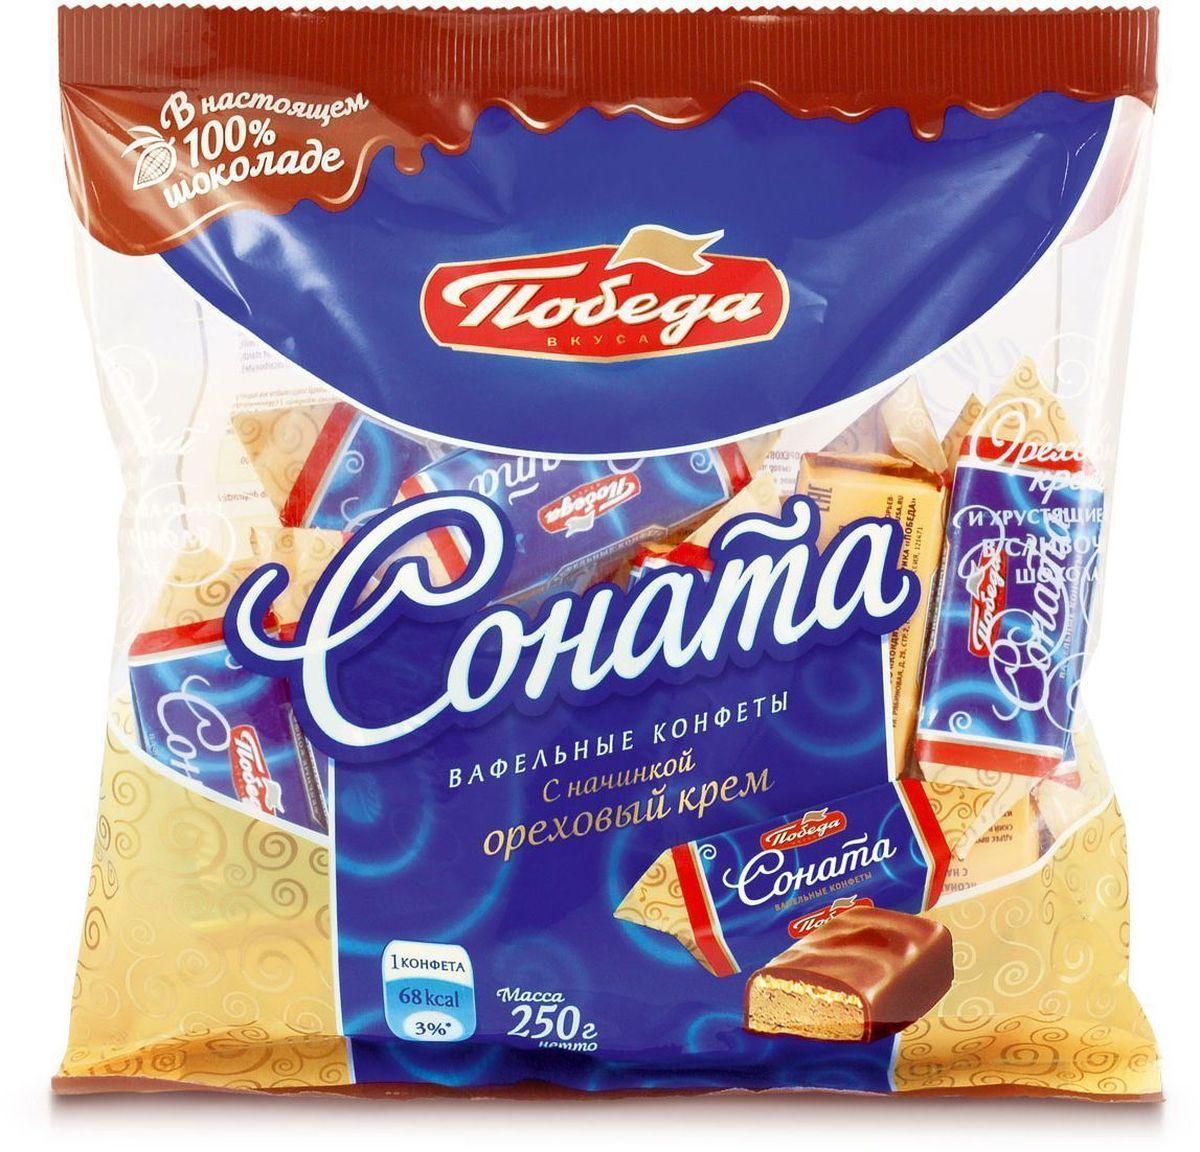 Победа вкусаСоната вафельные конфеты с начинкой ореховый крем, 250 г nuts bank крем ореховый фисташковый 250 г